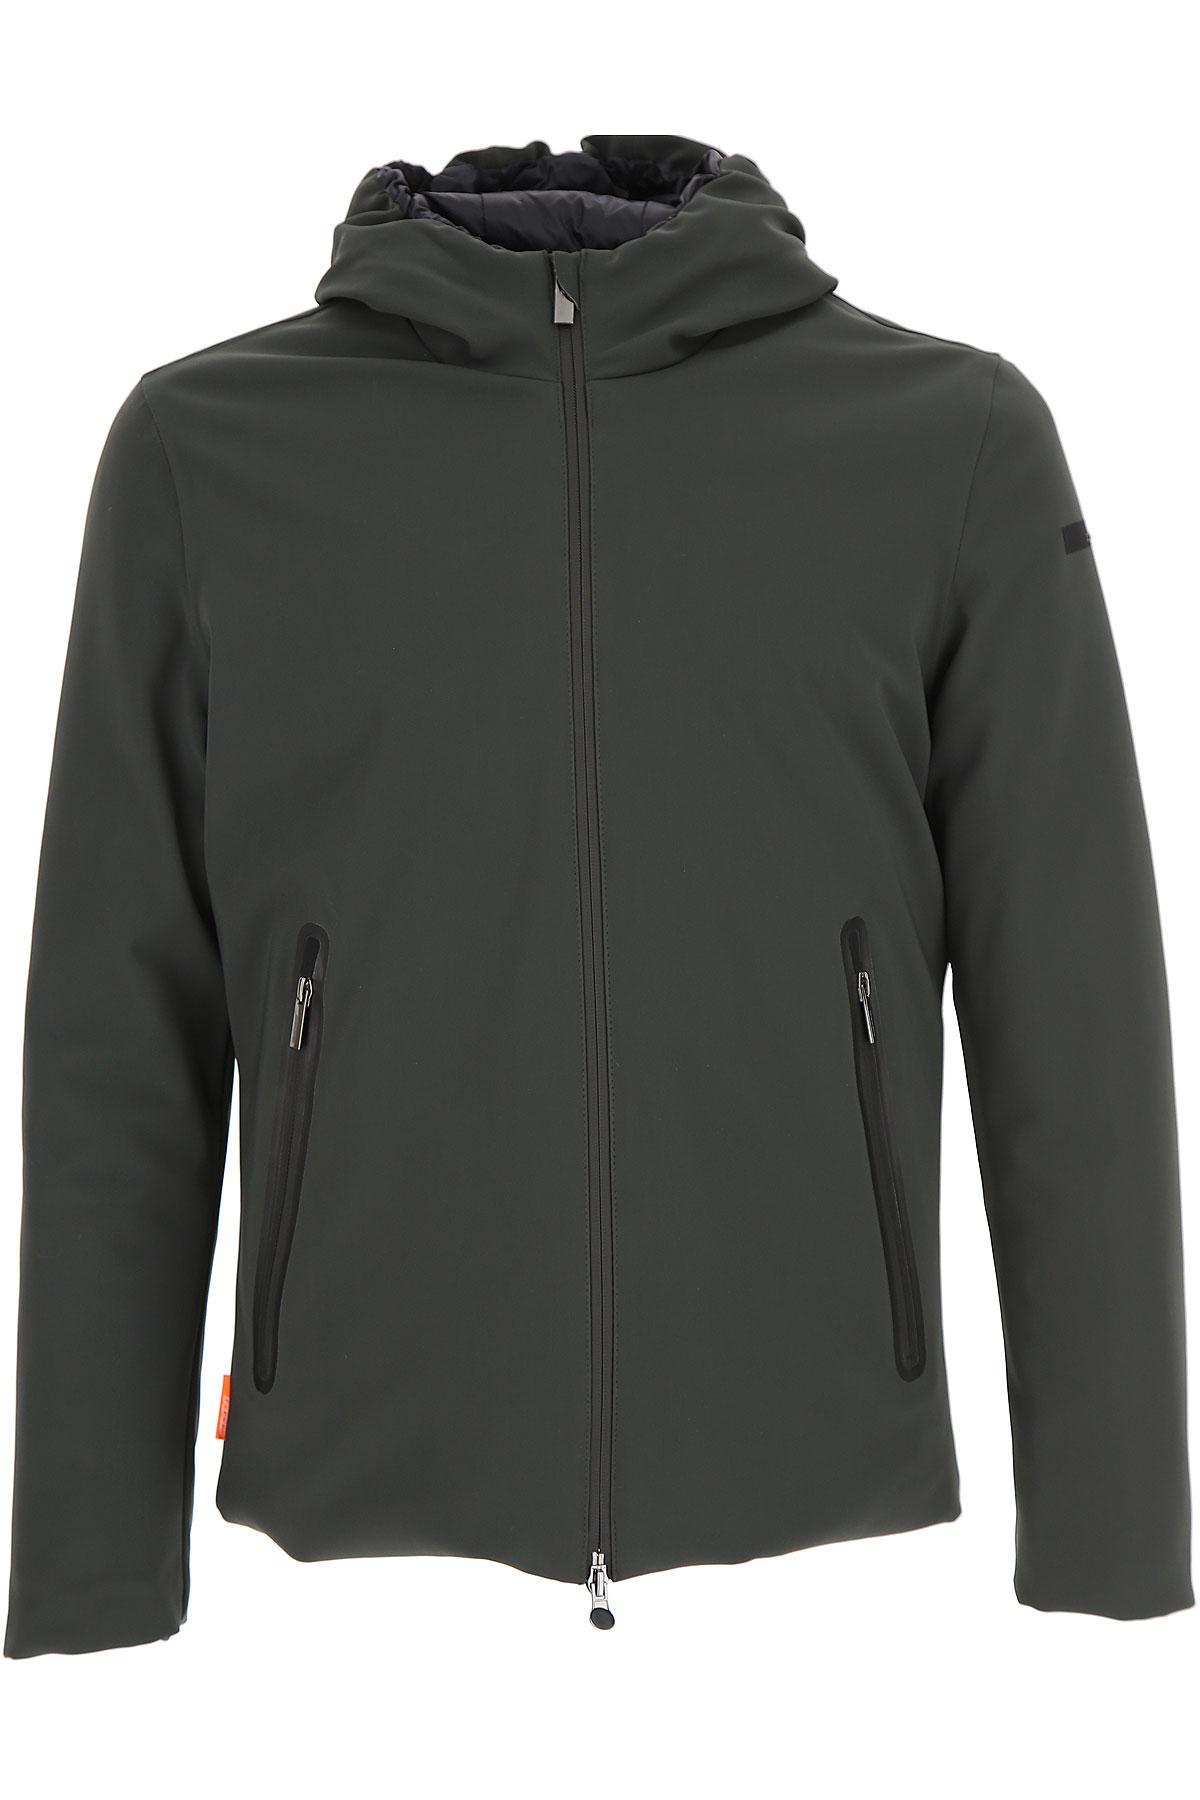 Image of RRD Down Jacket for Men, Puffer Ski Jacket, Asphalt Grey, polyester, 2017, L M S XL